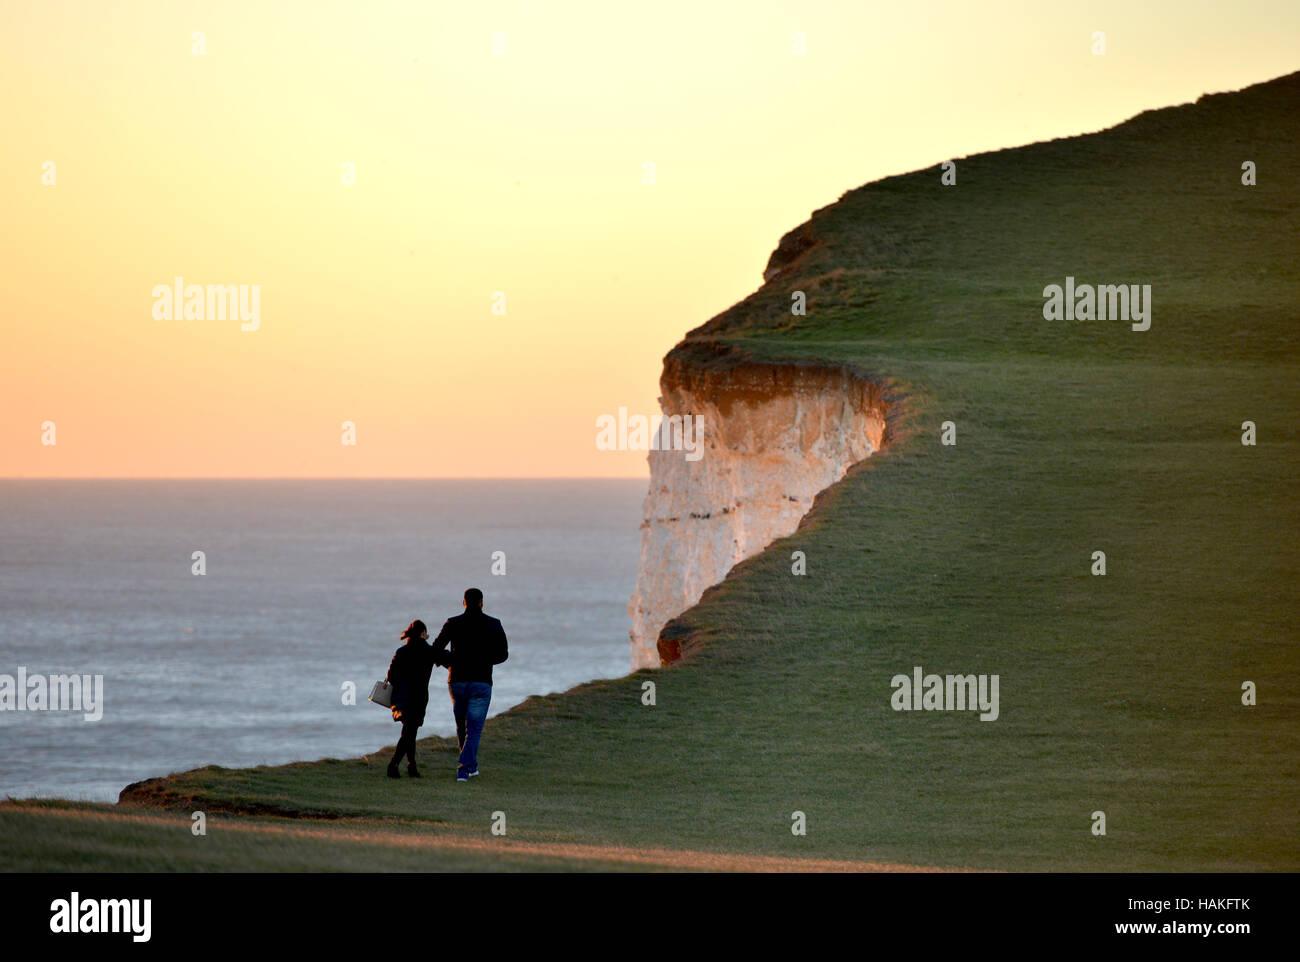 Par caminando cerca del borde del acantilado de Beachy Head, el famoso spot de suicidio en East Sussex. Foto de stock